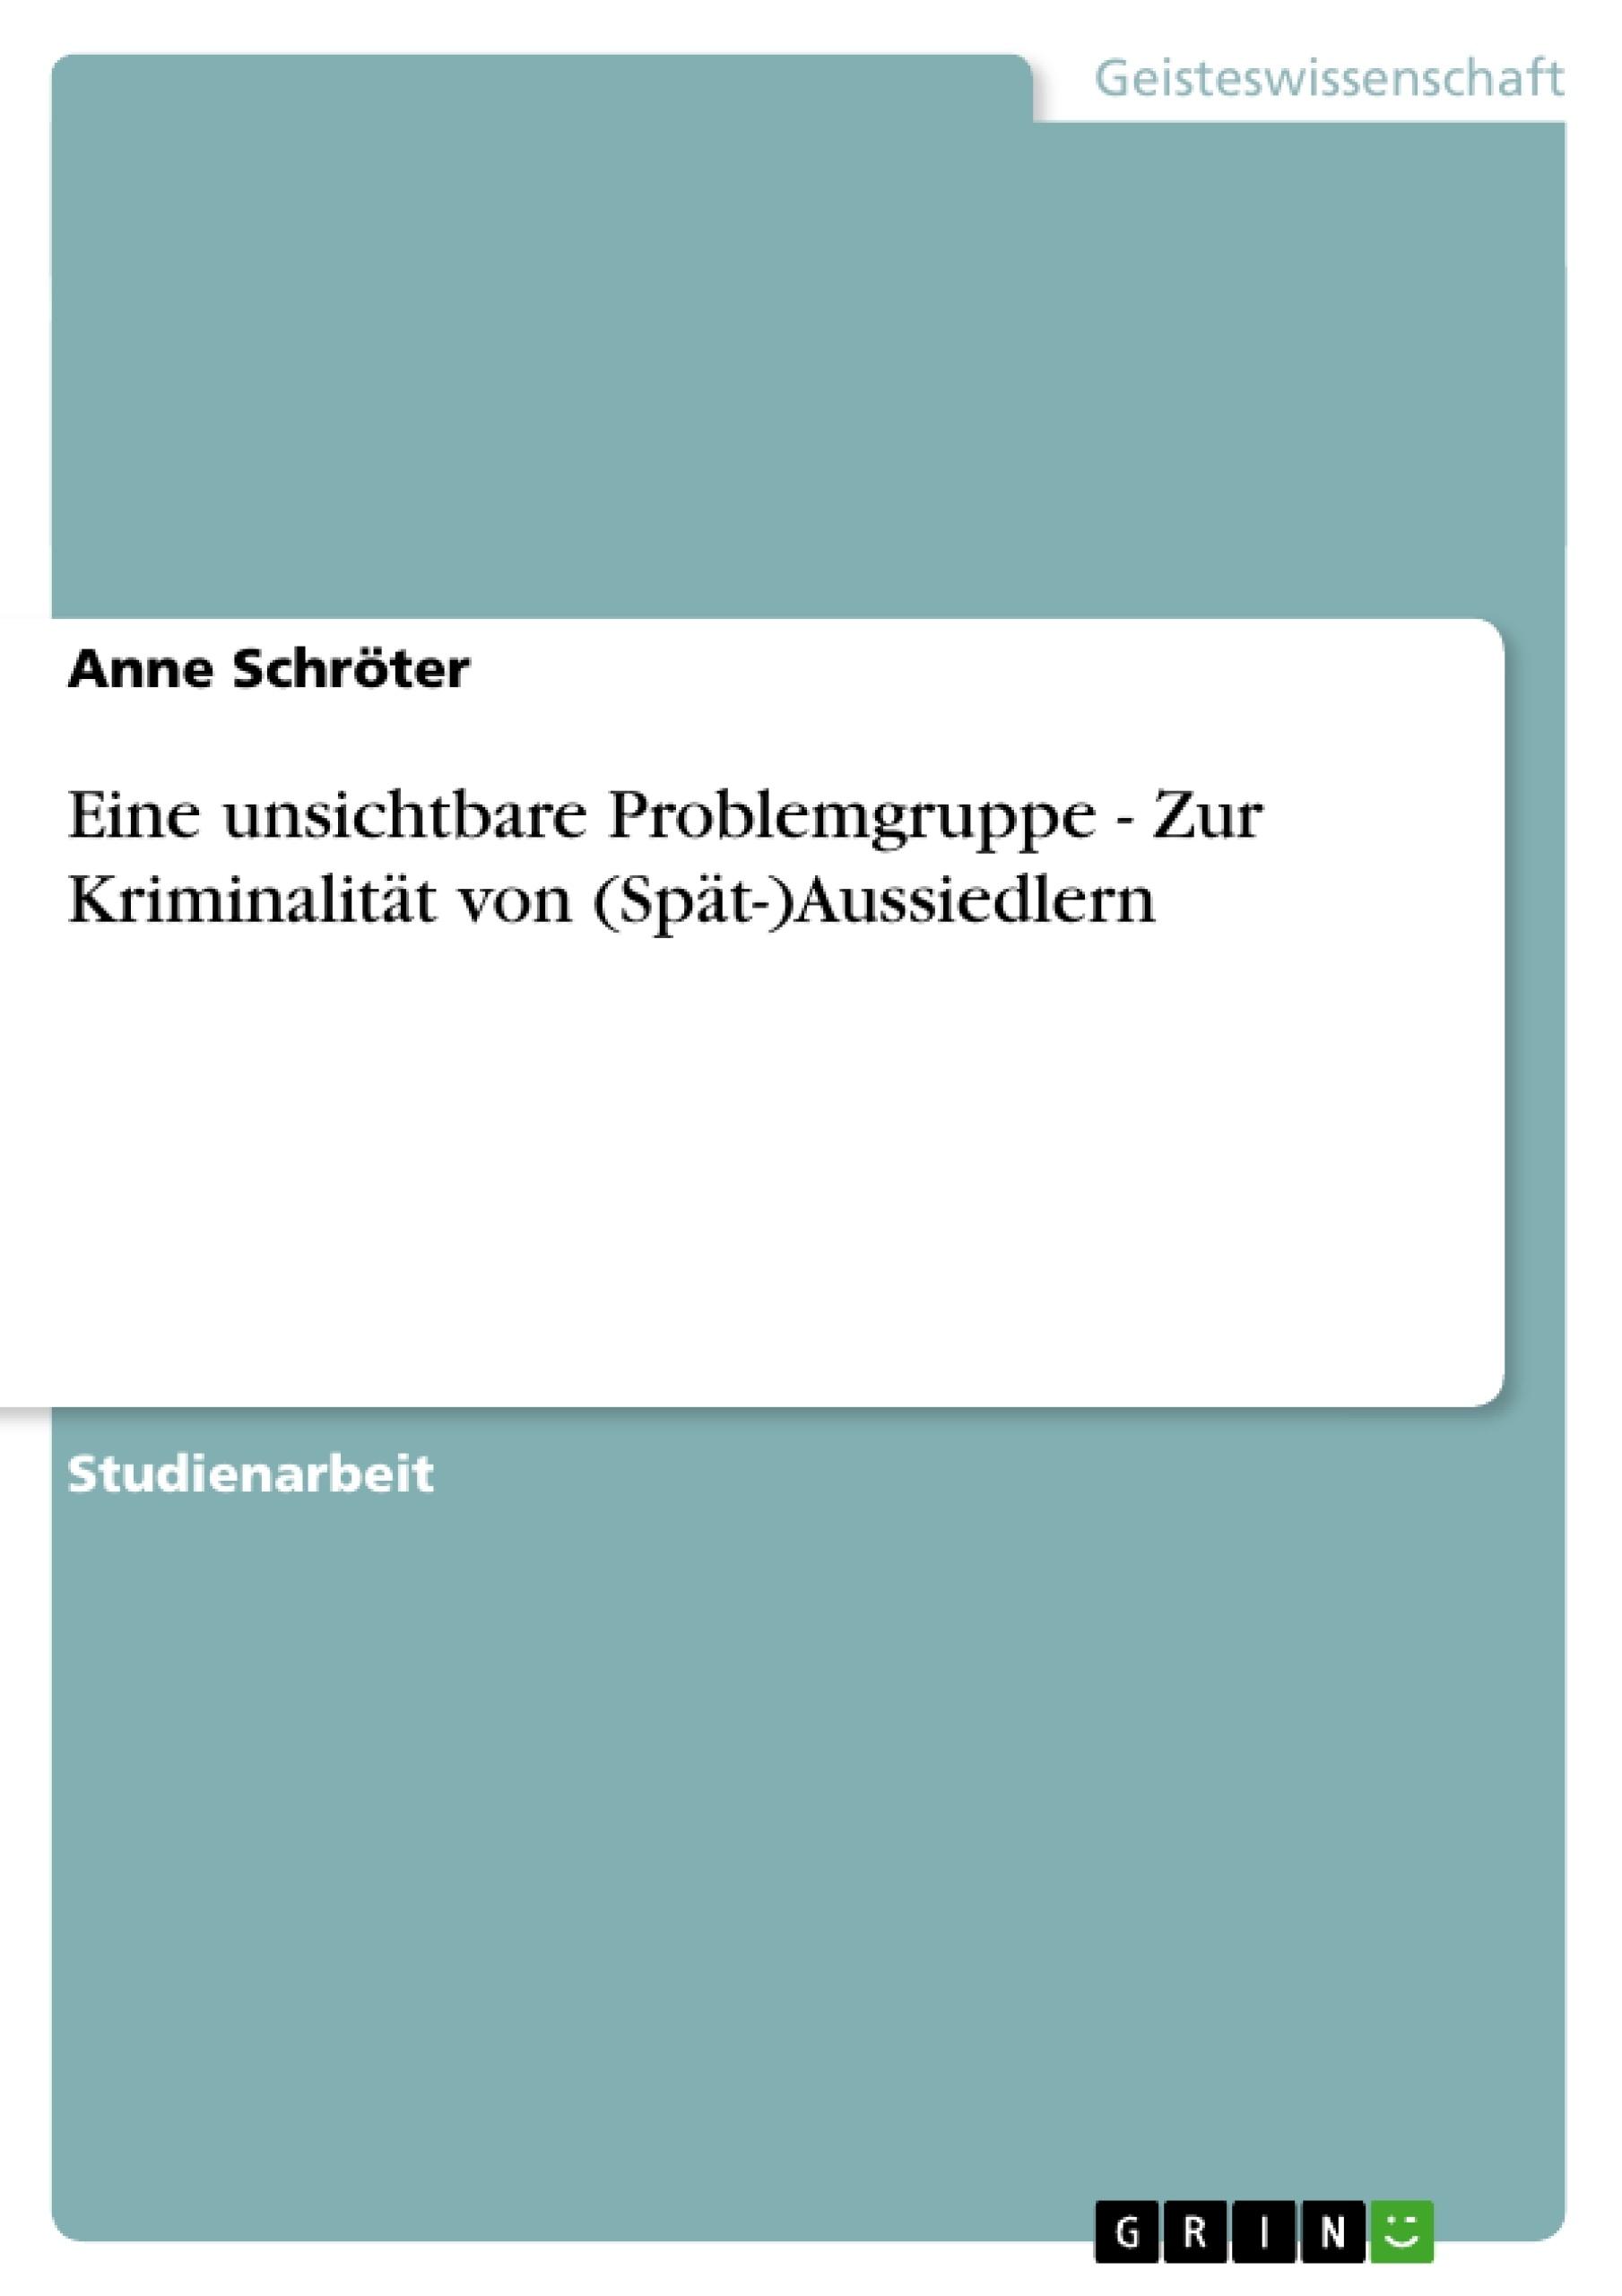 Titel: Eine unsichtbare Problemgruppe - Zur Kriminalität von (Spät-)Aussiedlern